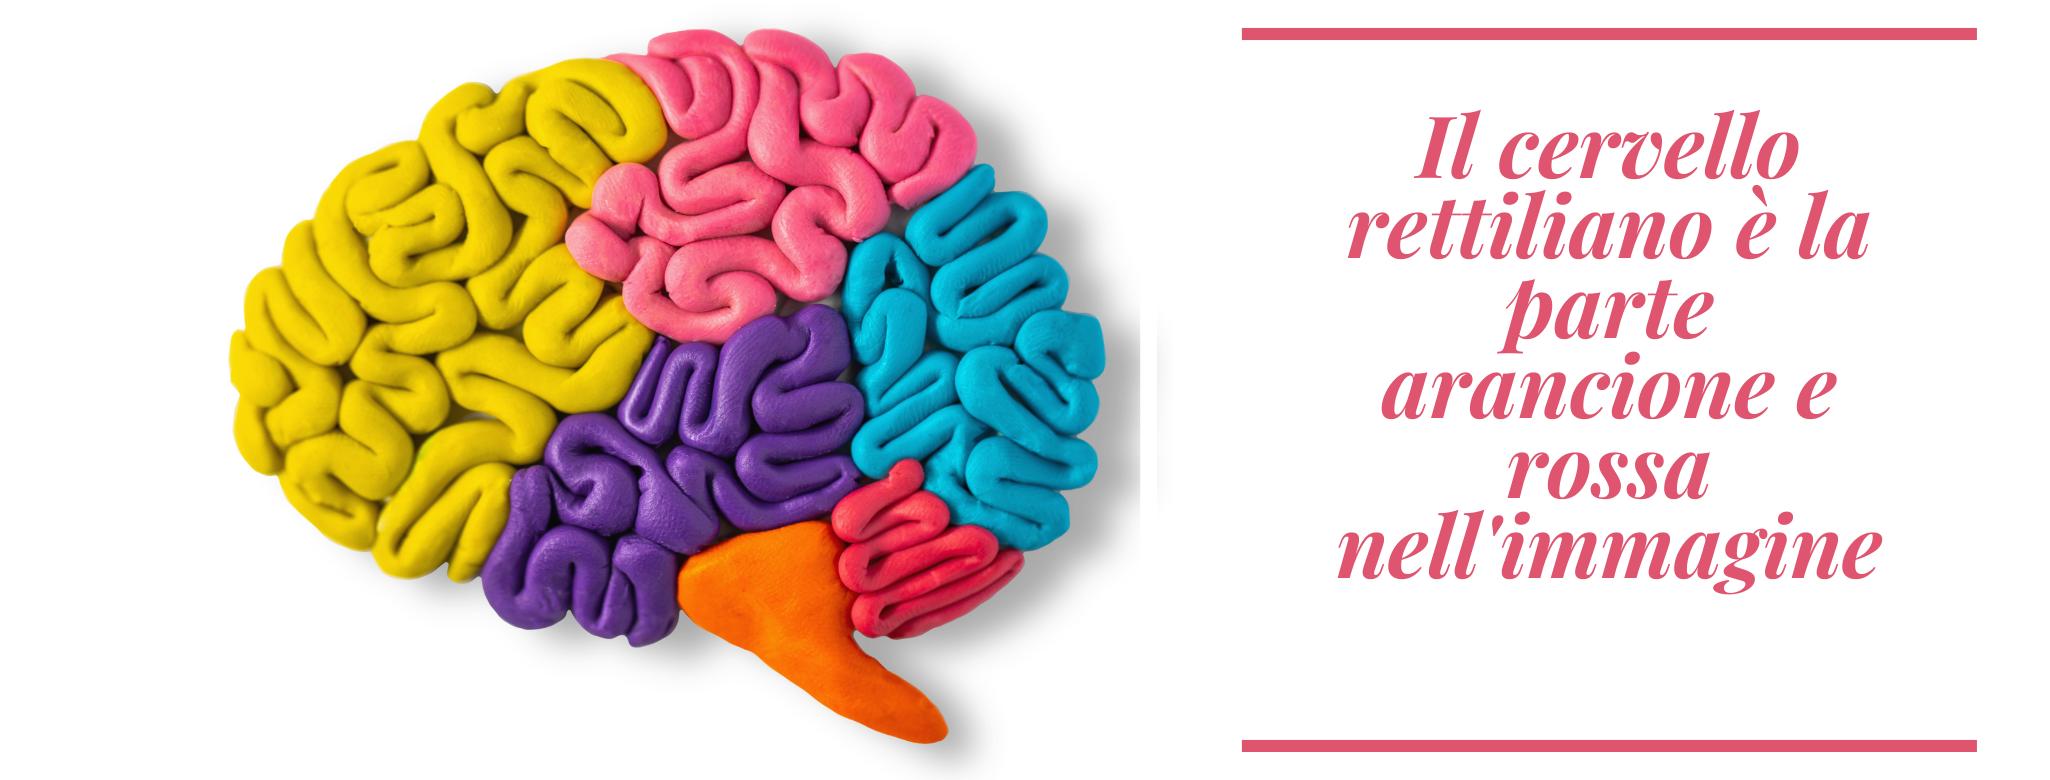 immagine del cervello suddiviso in aree che mostra quale è la parte del cervello rettiliano